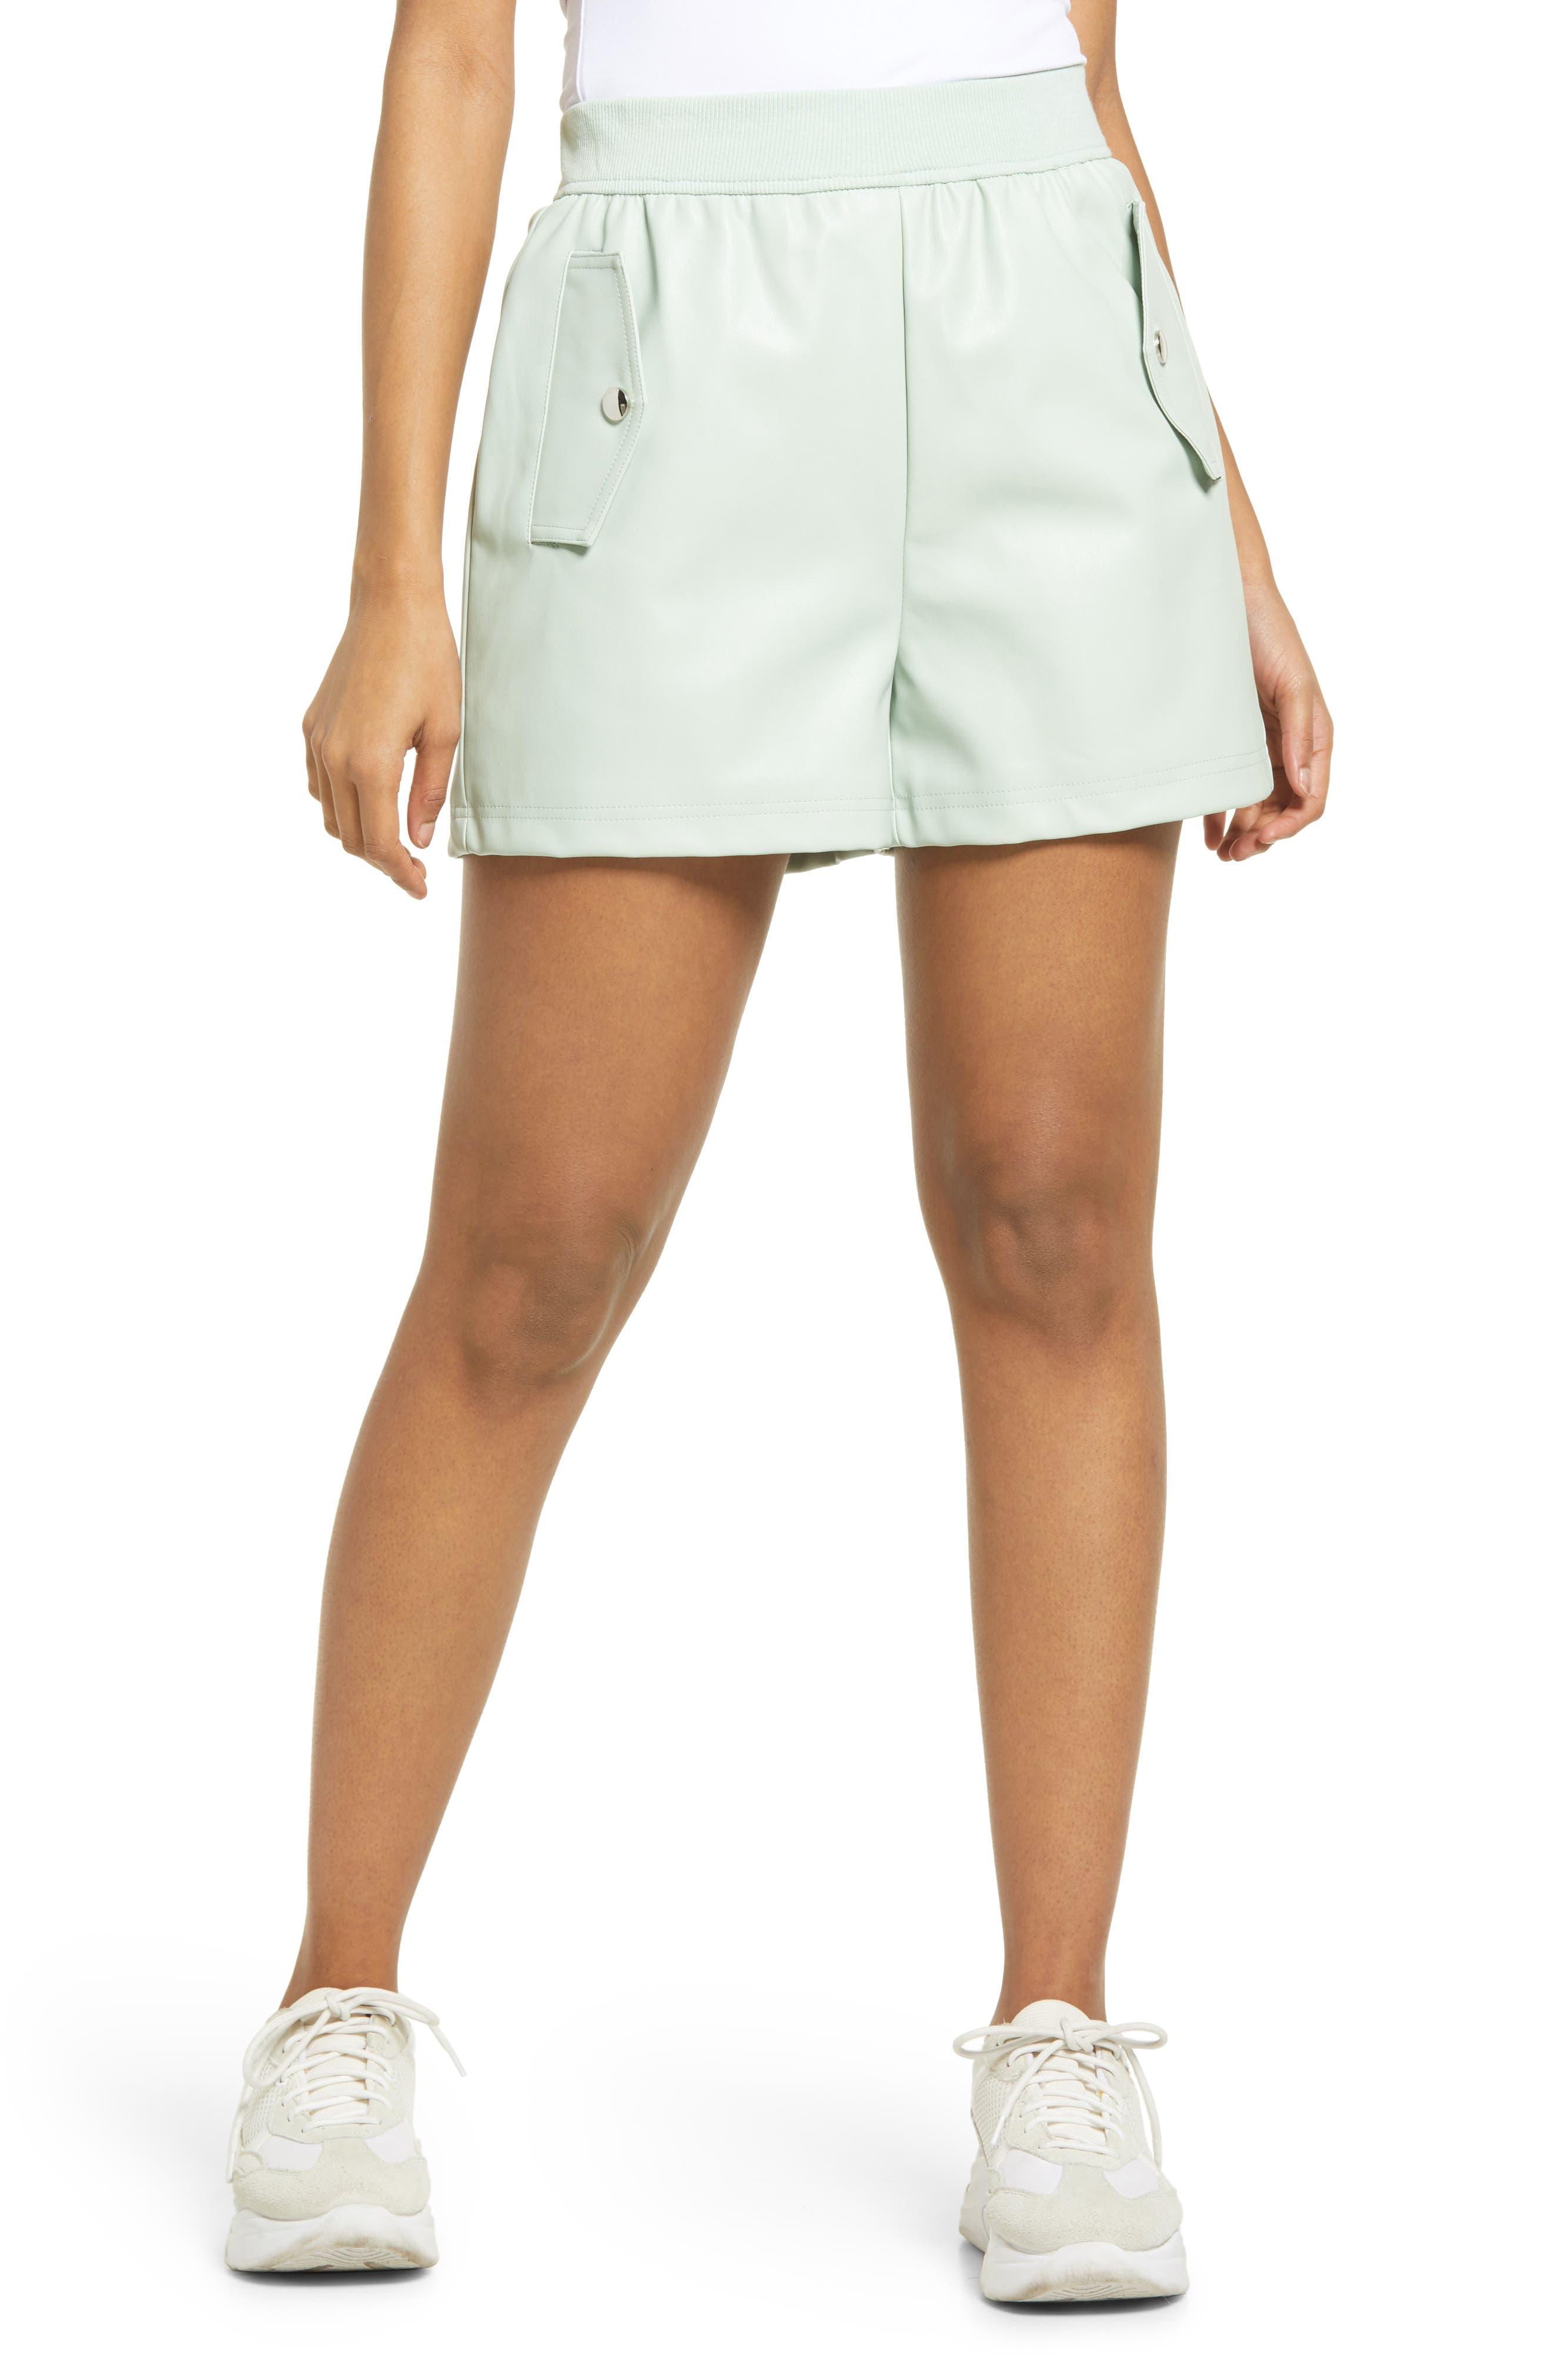 Women's Kendall + Kylie High Waist Shorts